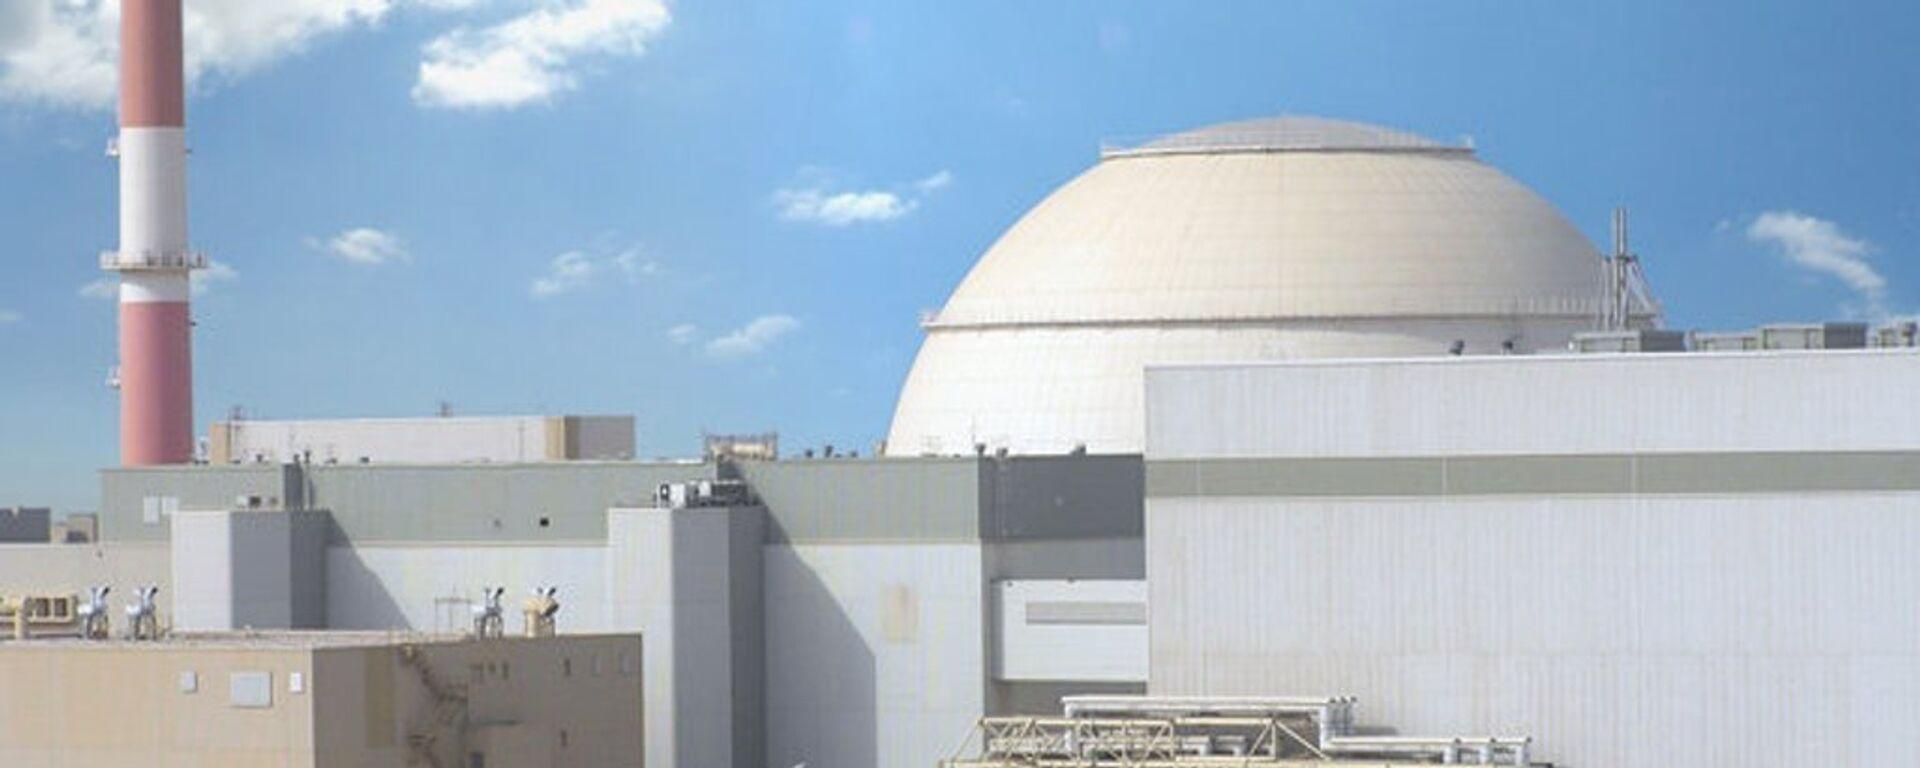 Centrale nucleare di Bushehr, Iran - Sputnik Italia, 1920, 27.06.2021